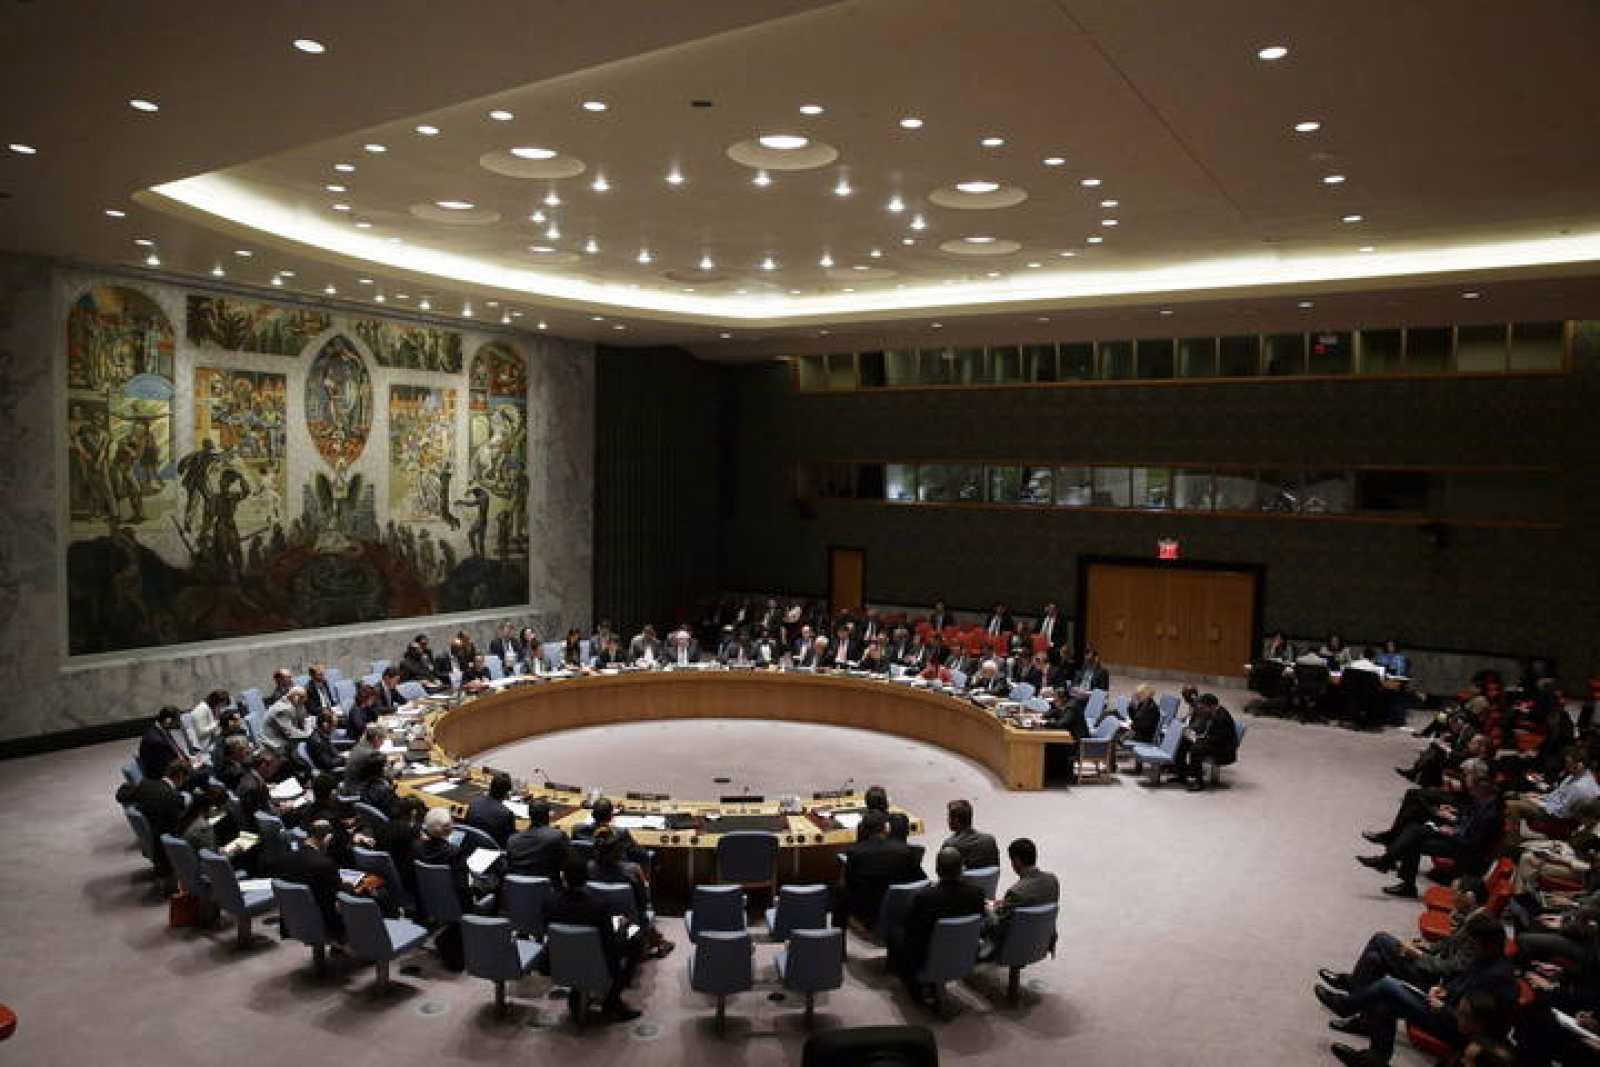 Imagen de archivo de una reunión del Consejo de Seguridad de la ONU.